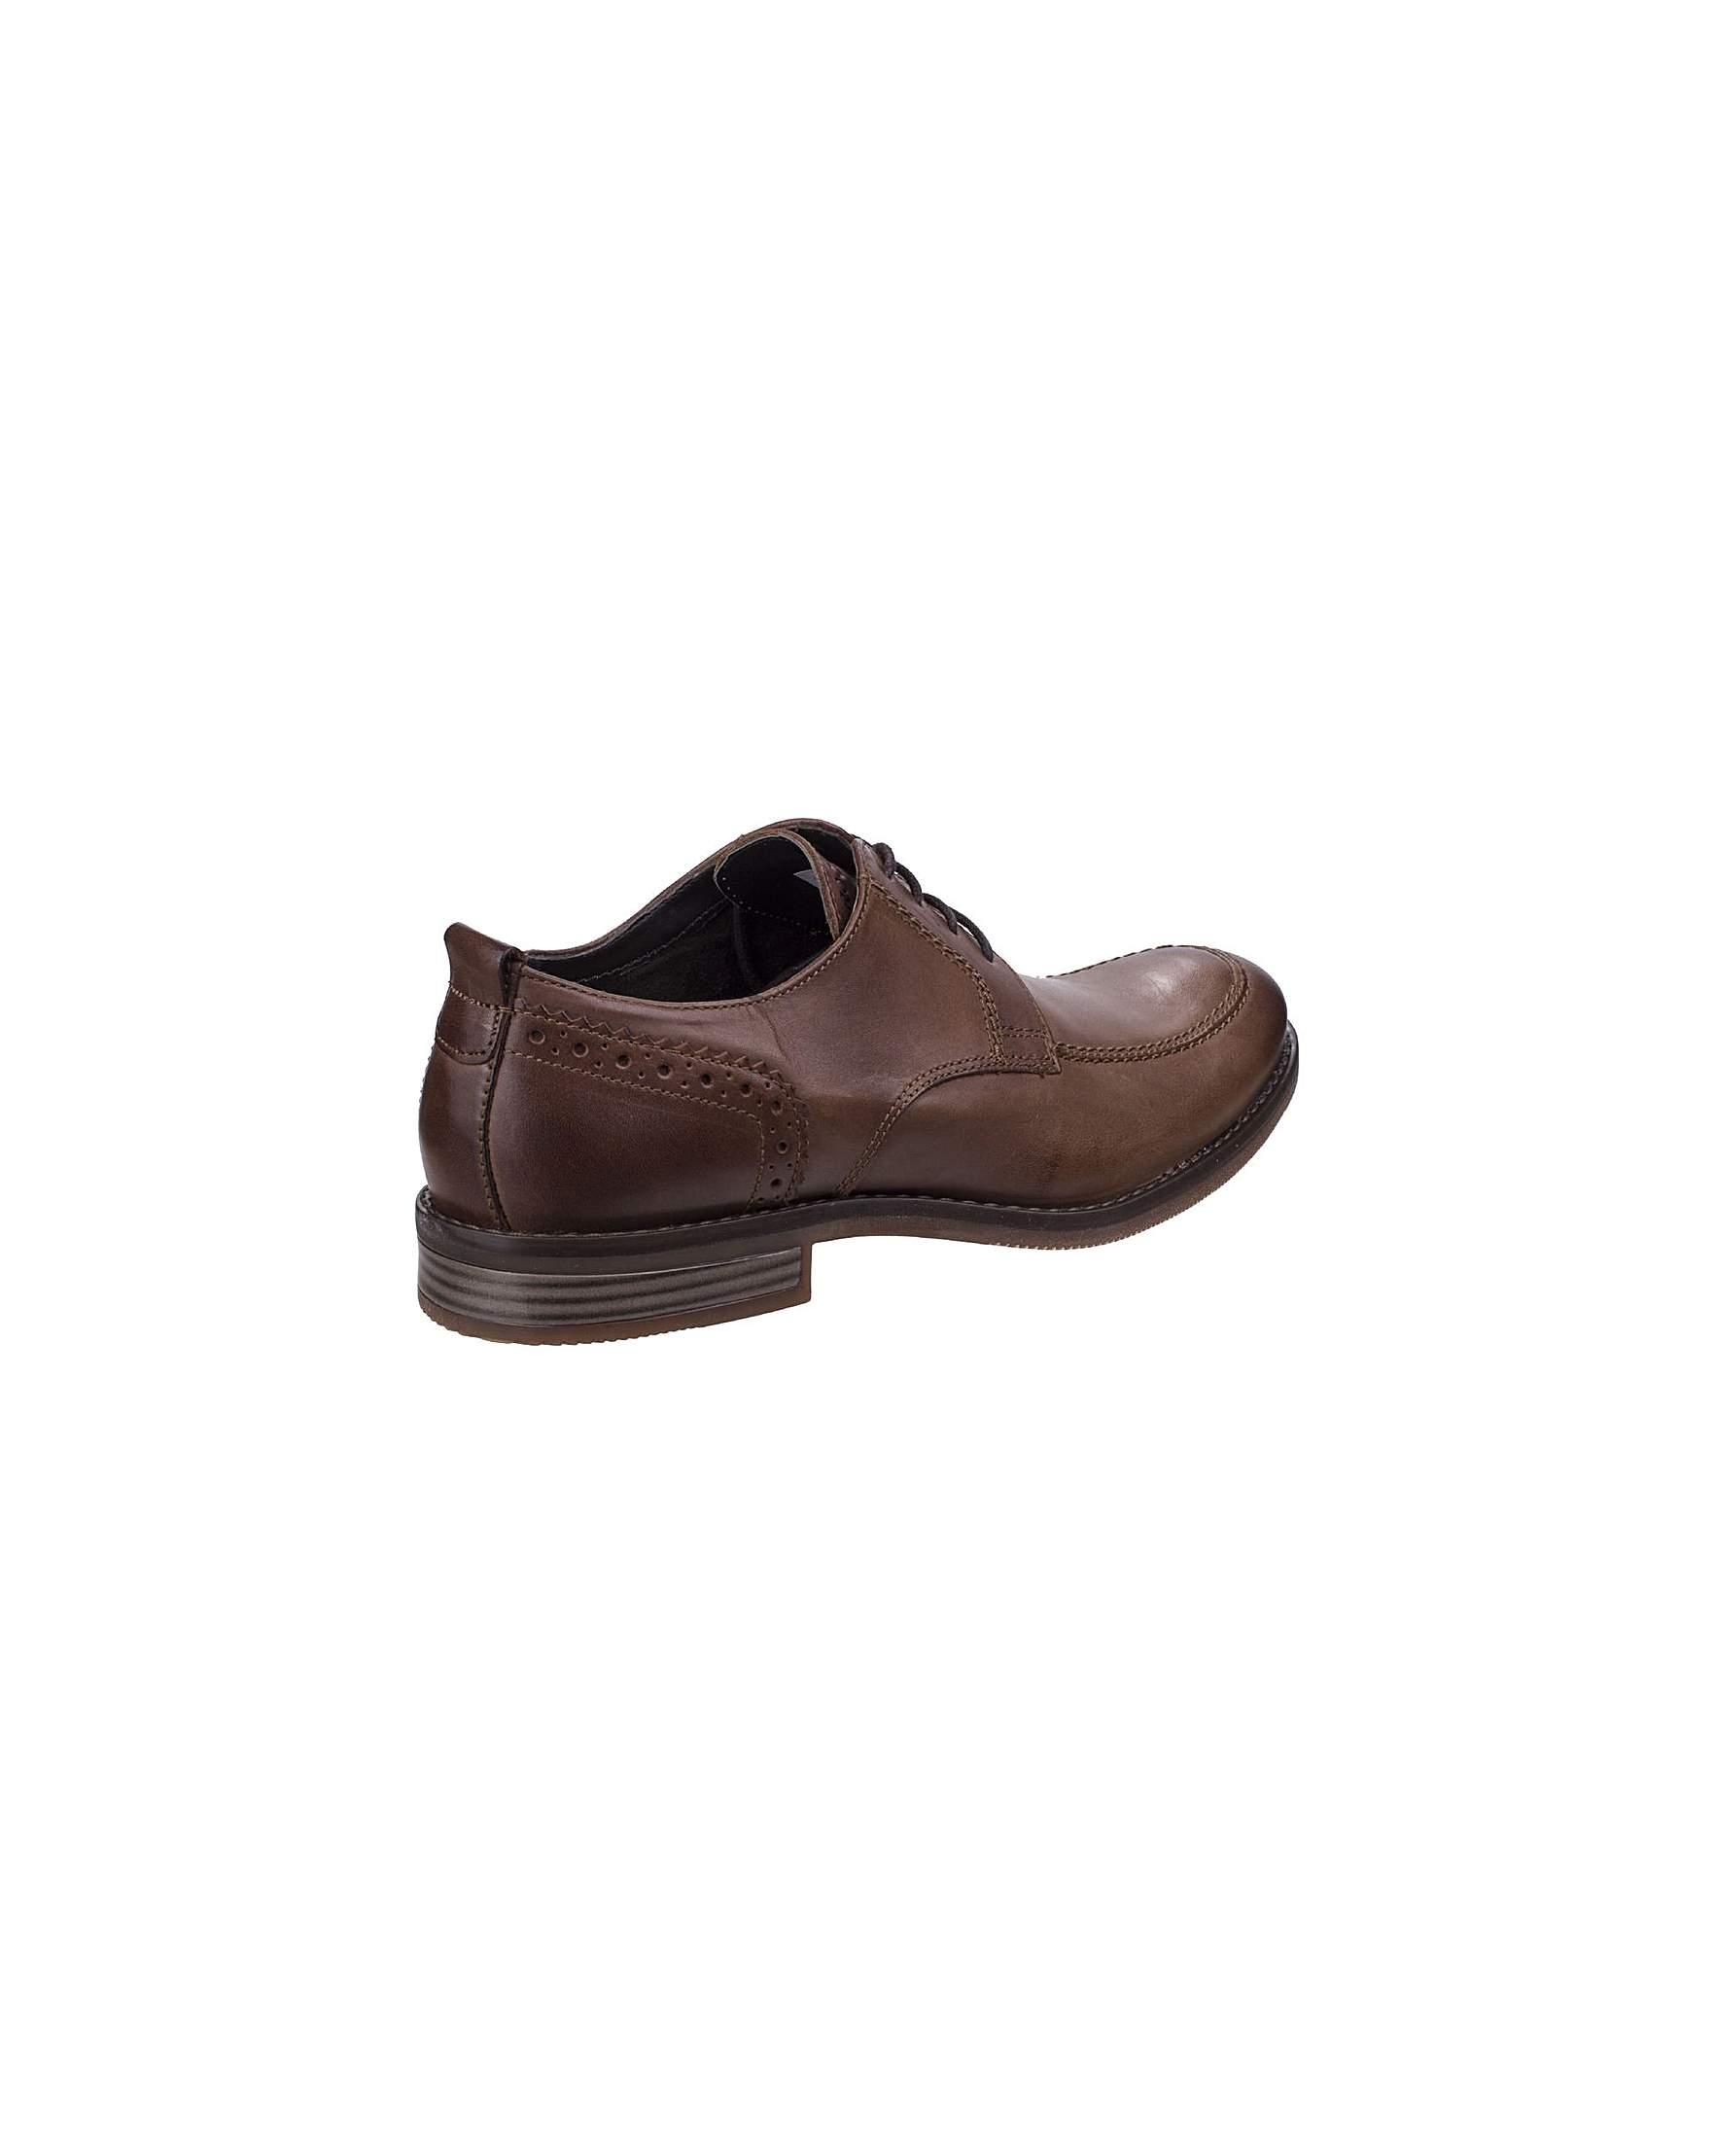 d92ea77eeb8b5 Rockport Wynstin Apron Toe Shoes | J D Williams